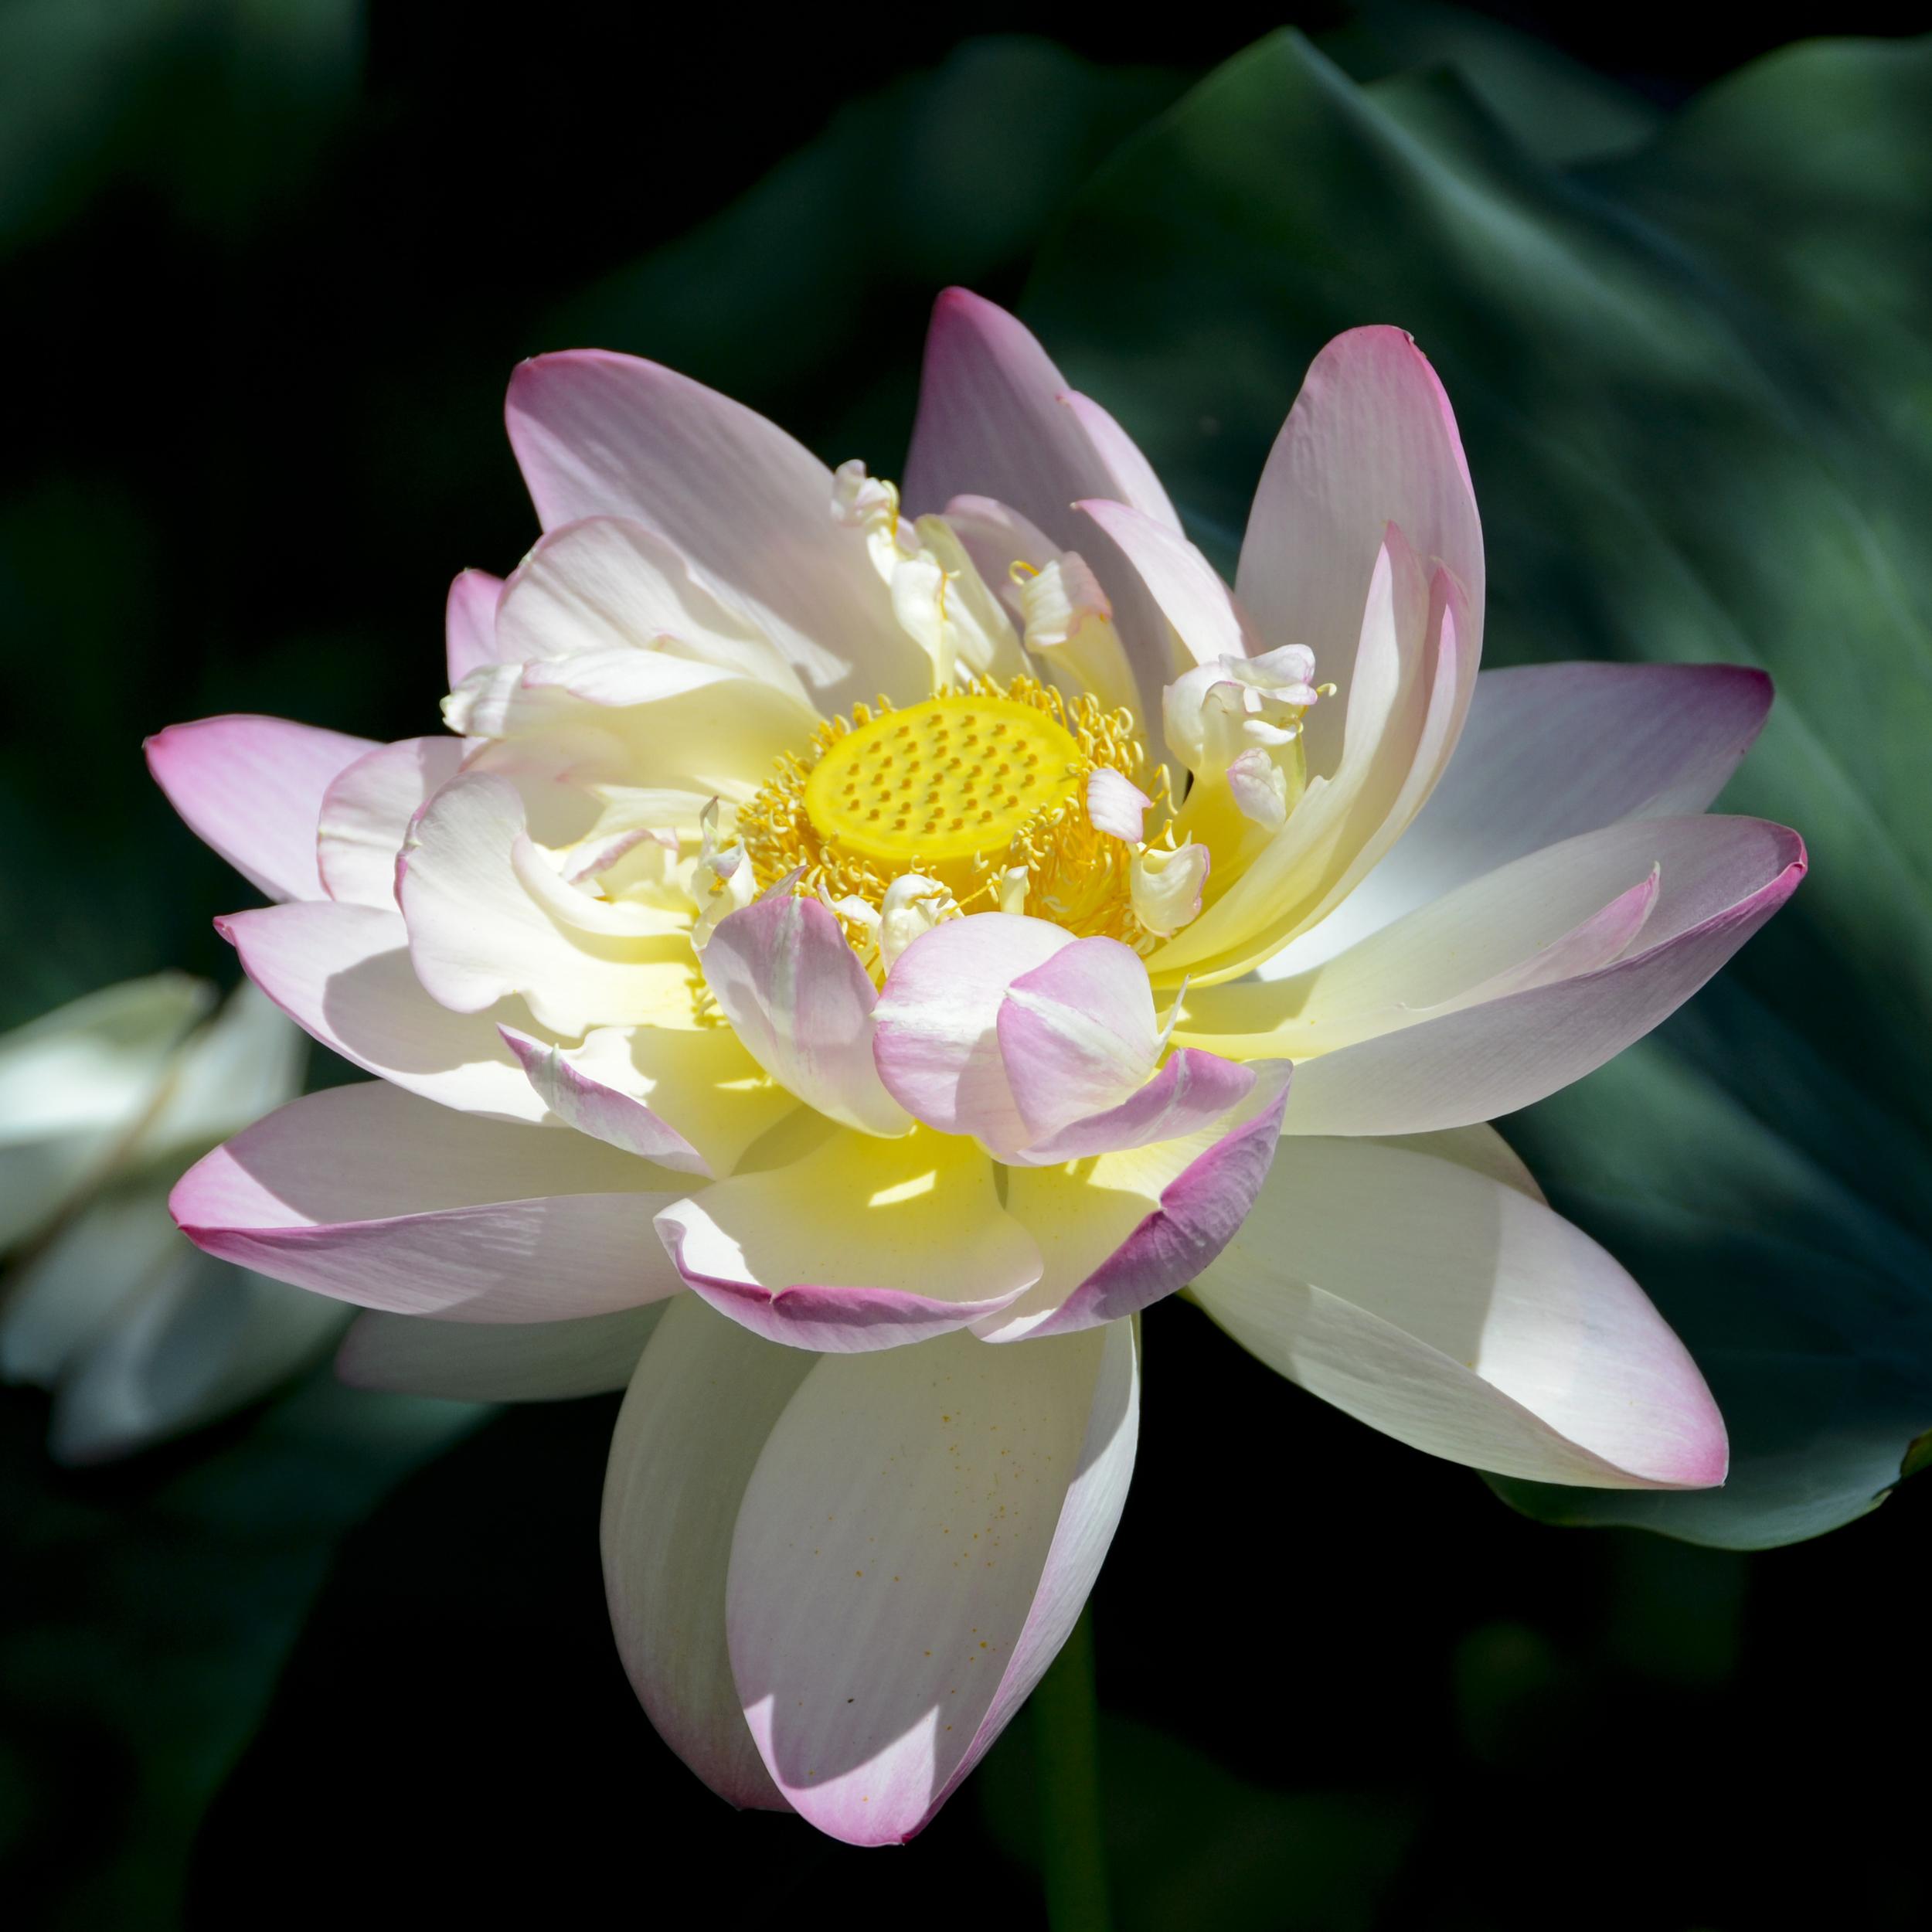 NE_Flowers_022.jpg